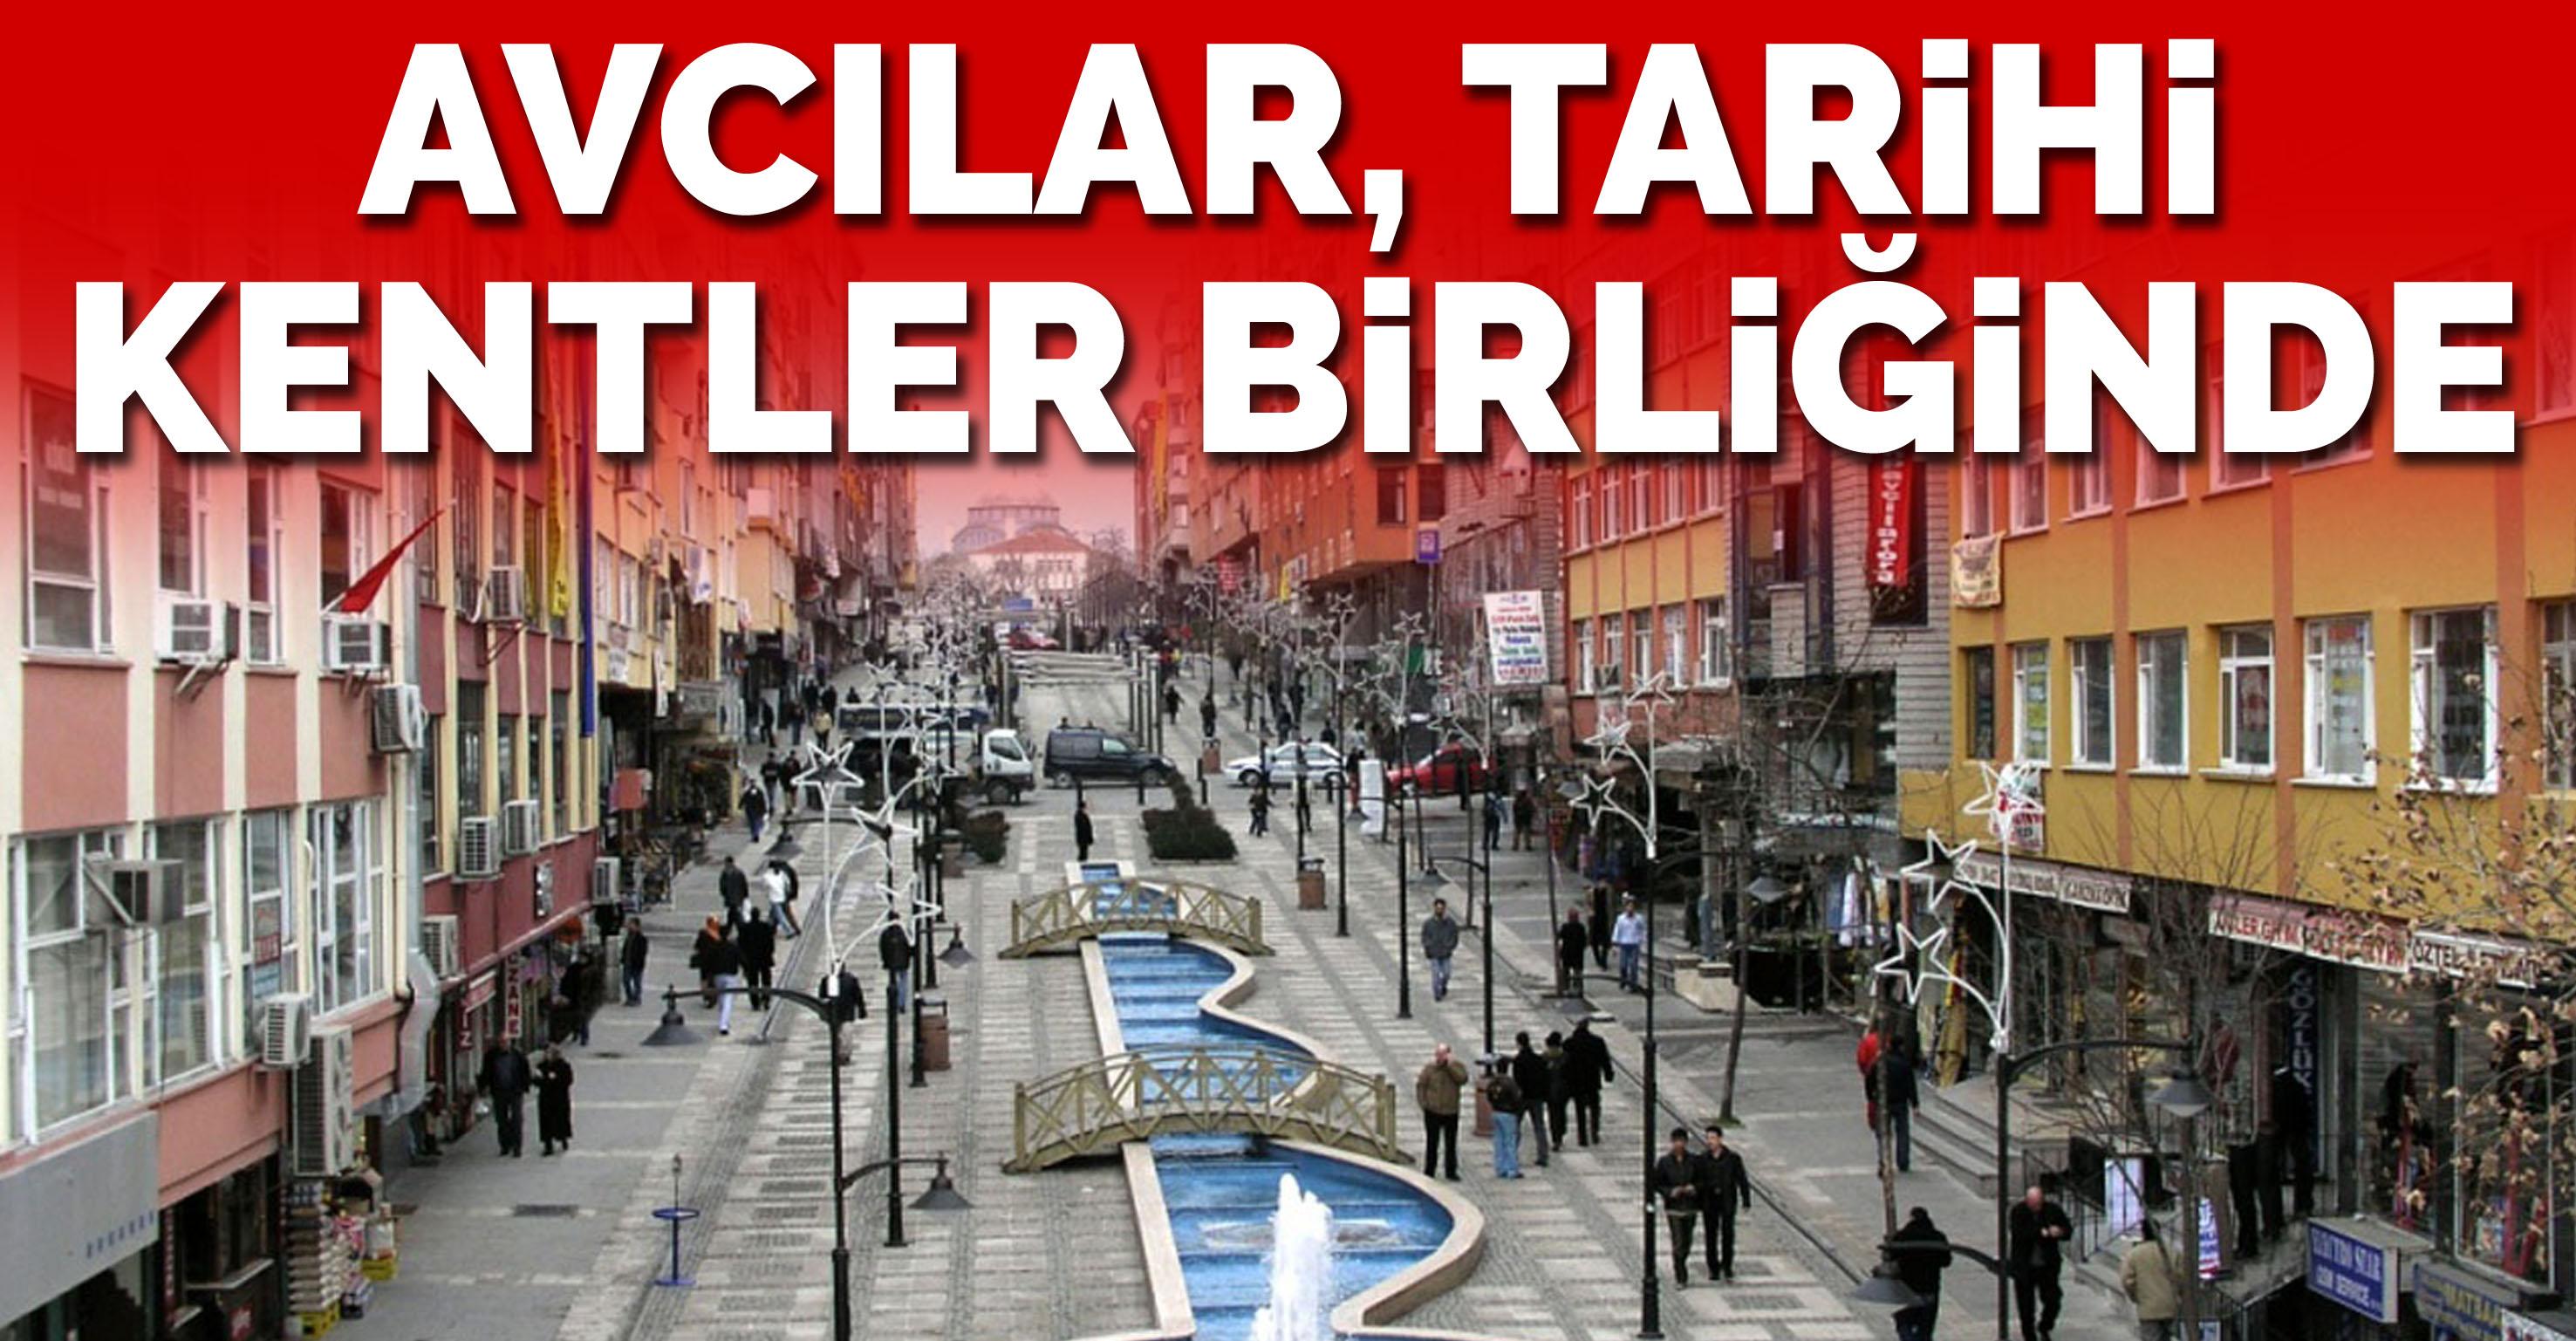 AVCILAR, TARİHİ KENTLER BİRLİĞİ'NE KATILDI